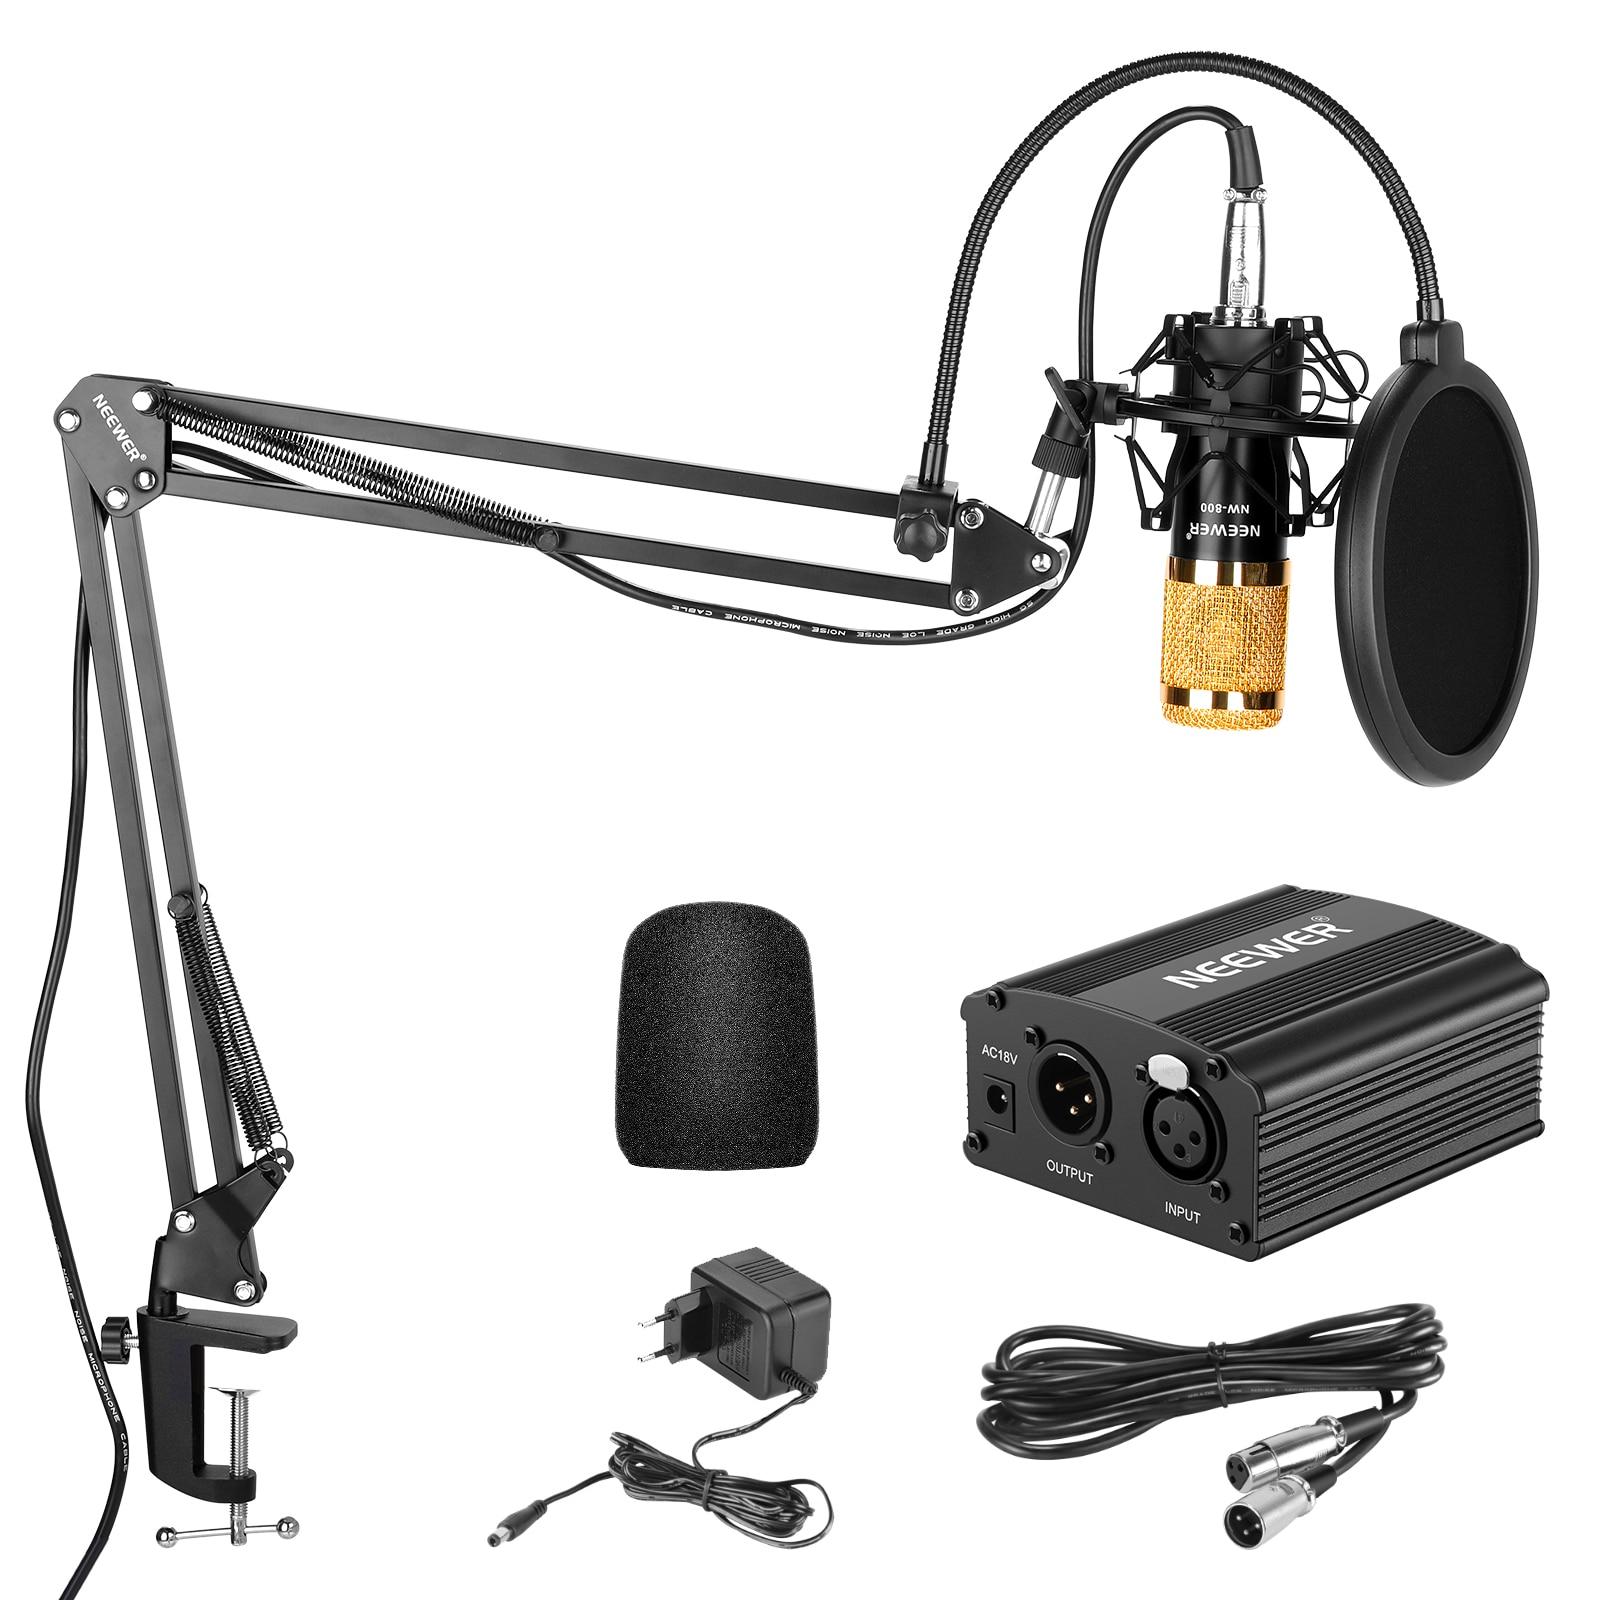 Конденсаторный микрофон Neewer NW-800, комплект, черный, для домашней студии